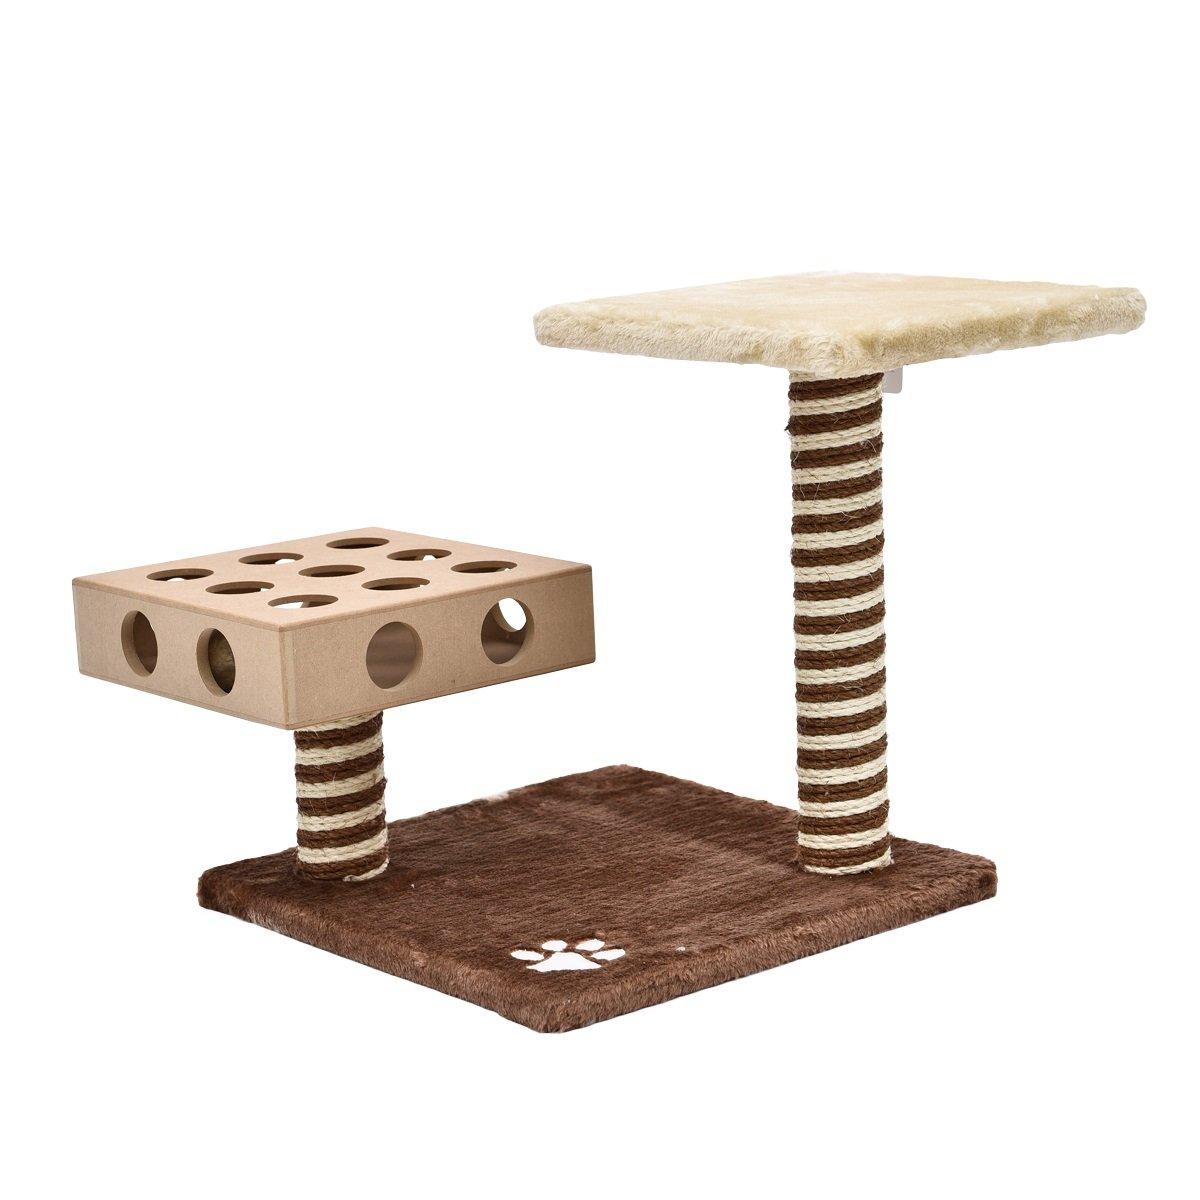 JILAN HOME- Haustier-Spielwaren 4pcs / Pieces Katzen-Fänger-Schnabel-Haustier-Baum-Kätzchen-Kratzer-Aufstieg spielt kleine Tier-Aufsatz-Möbel